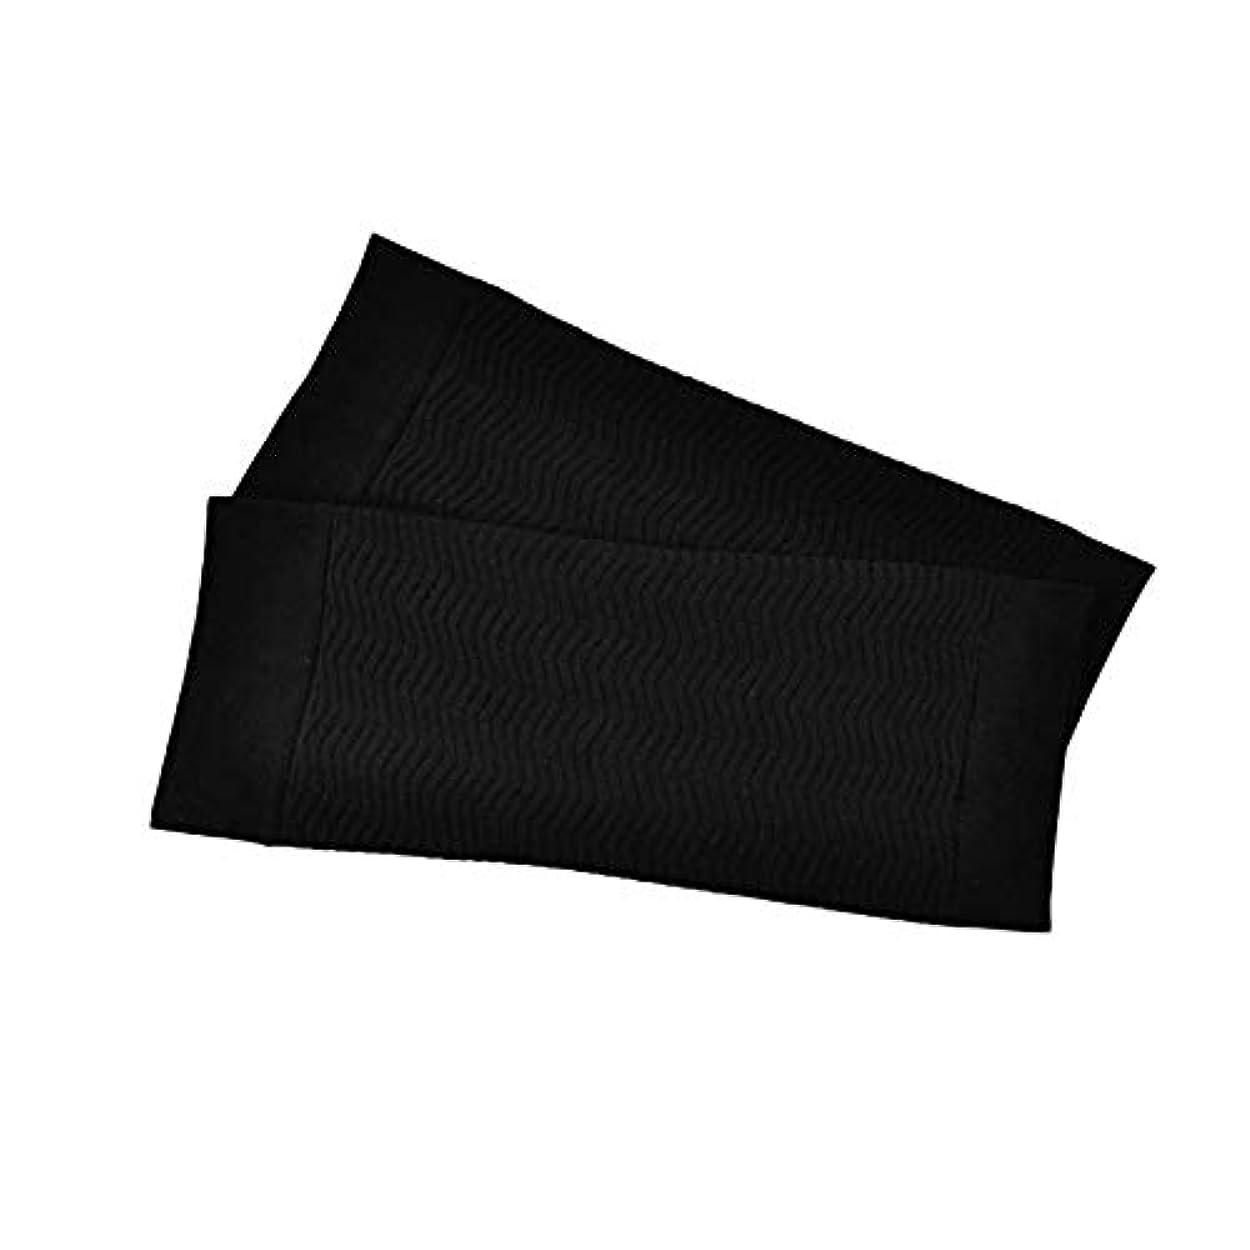 苦魔術師天才1ペア680 d圧縮アームシェイパーワークアウトトーニングバーンセルライト痩身アームスリーブ脂肪燃焼半袖用女性(Color:black)